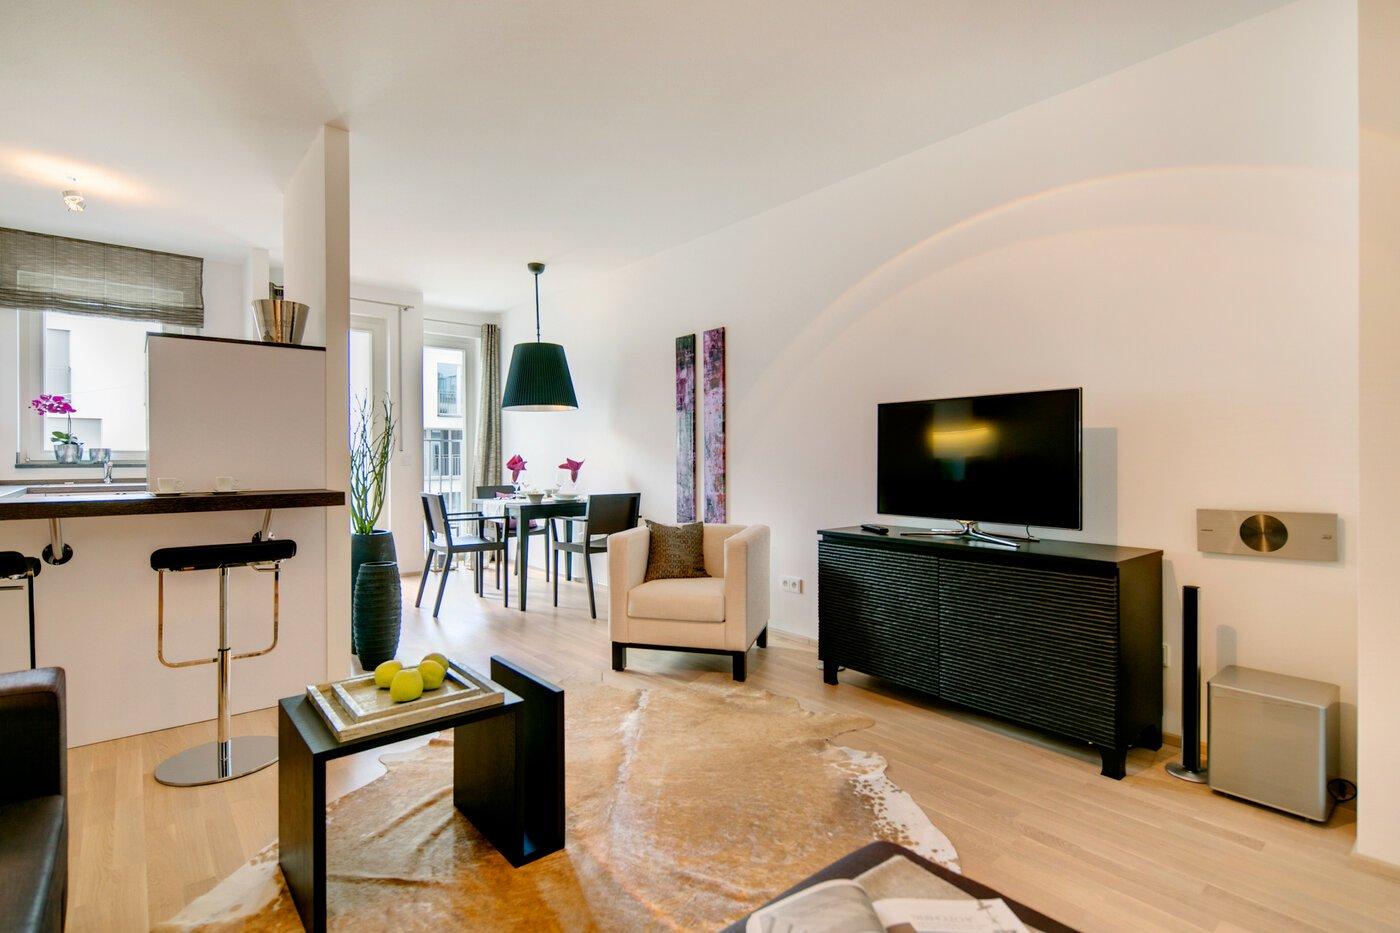 2 zimmer wohnung m bliert gro er flachbildfernseher m nchen maxvorstadt 7037. Black Bedroom Furniture Sets. Home Design Ideas